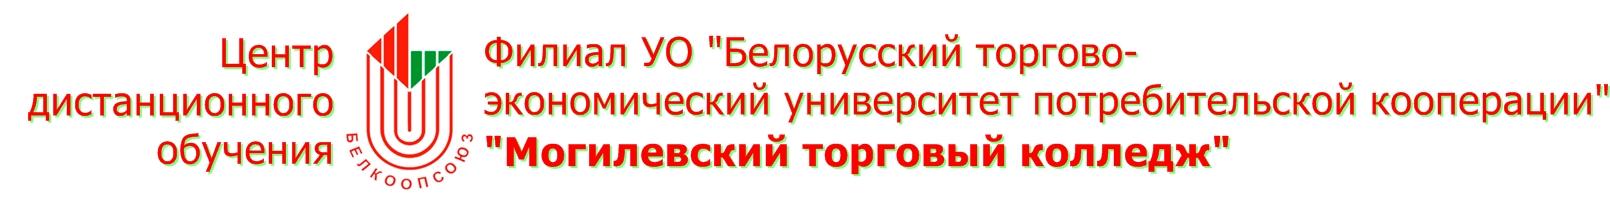 """Филиал УО """"Белорусский торгово-экономический университет потребительской кооперации"""" """"Могилевский торговый колледж"""""""